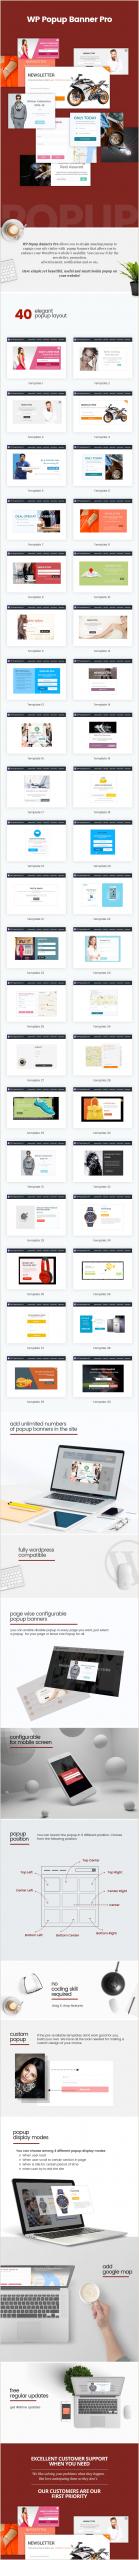 Pop Up Banner WordPress Plugin Ultimate Popup Plugin For WordPress Wp Popup Banners Pro